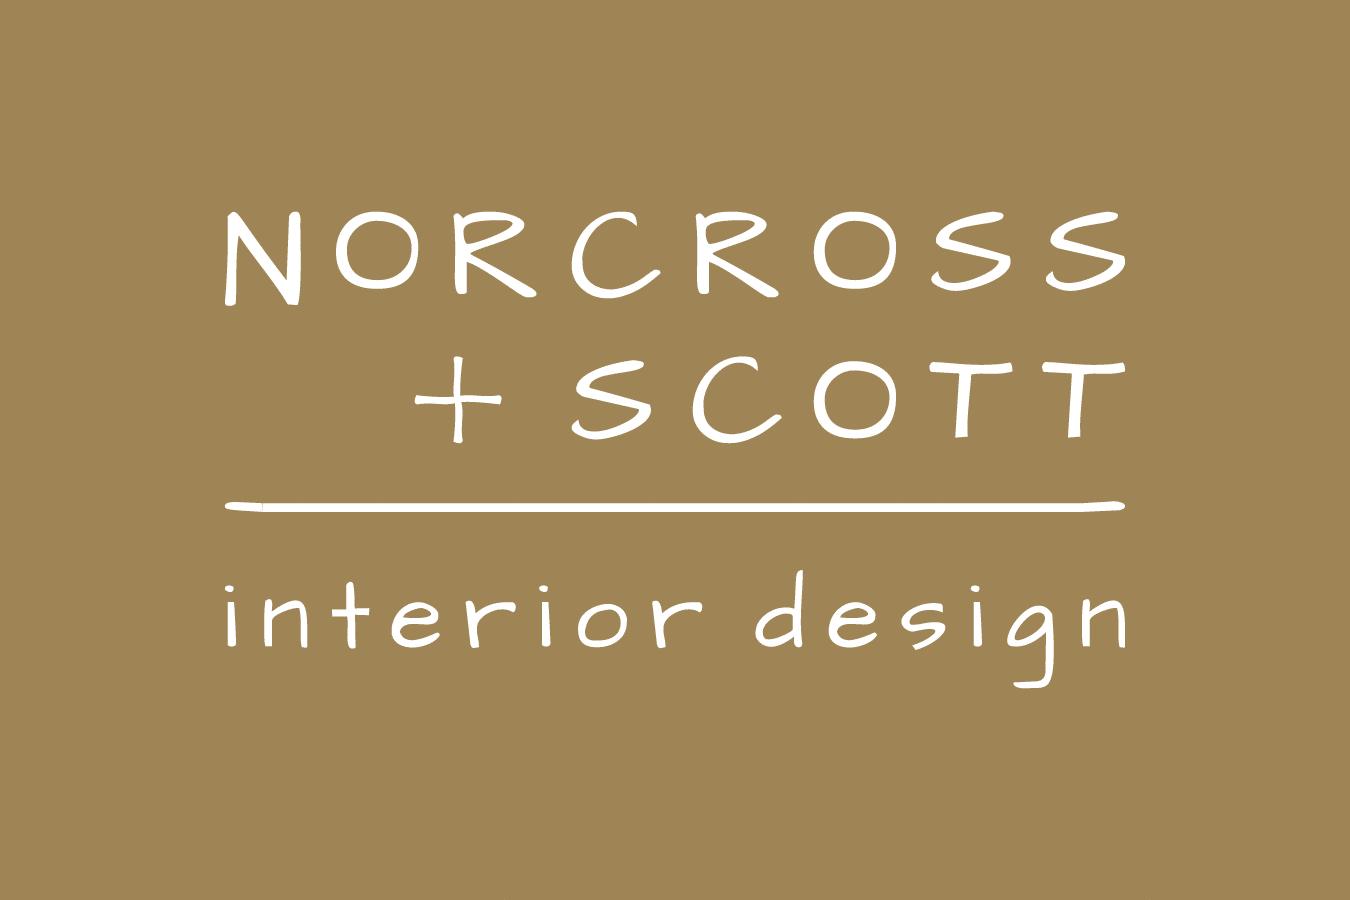 Norcross + Scott Interior Design